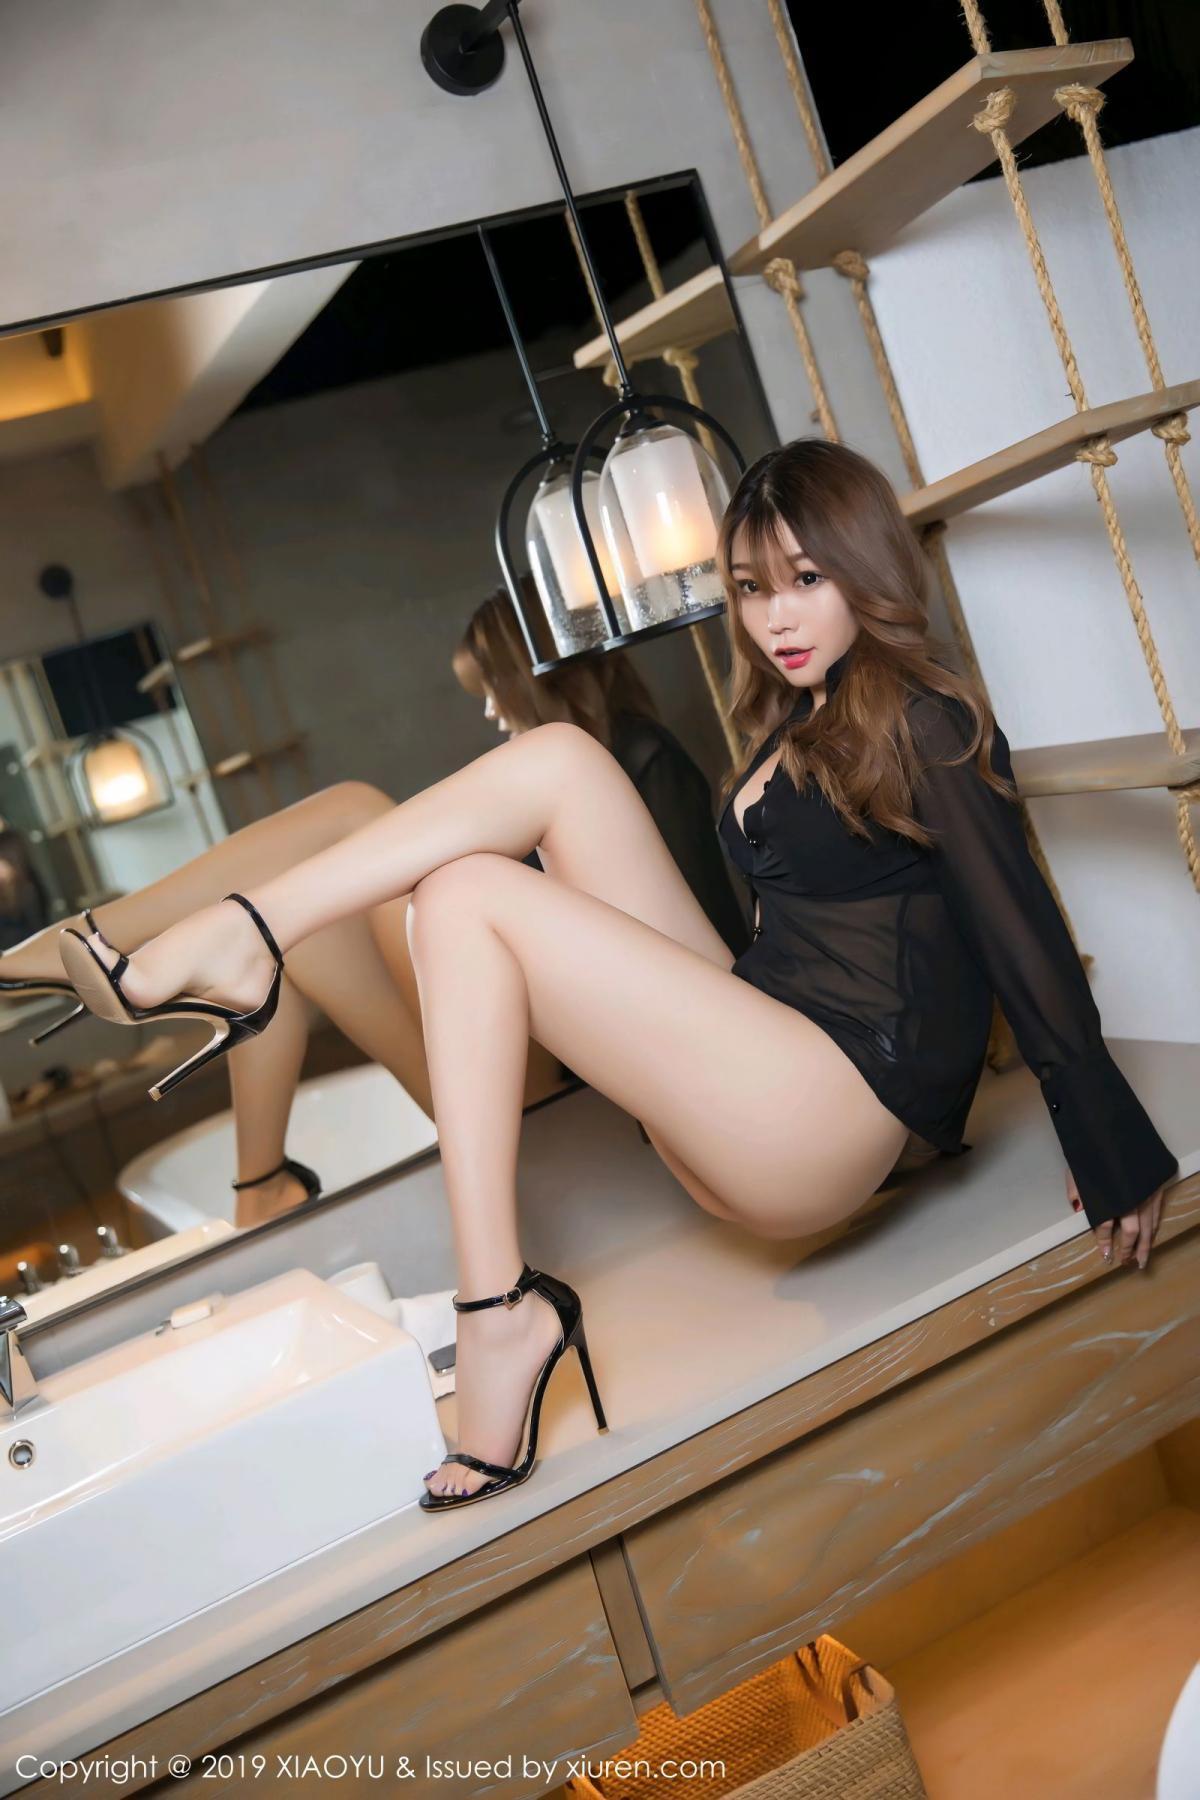 [XiaoYu] Vol.105 Chen Zhi 10P, Bathroom, Big Booty, Chen Zhi, Wet, XiaoYu